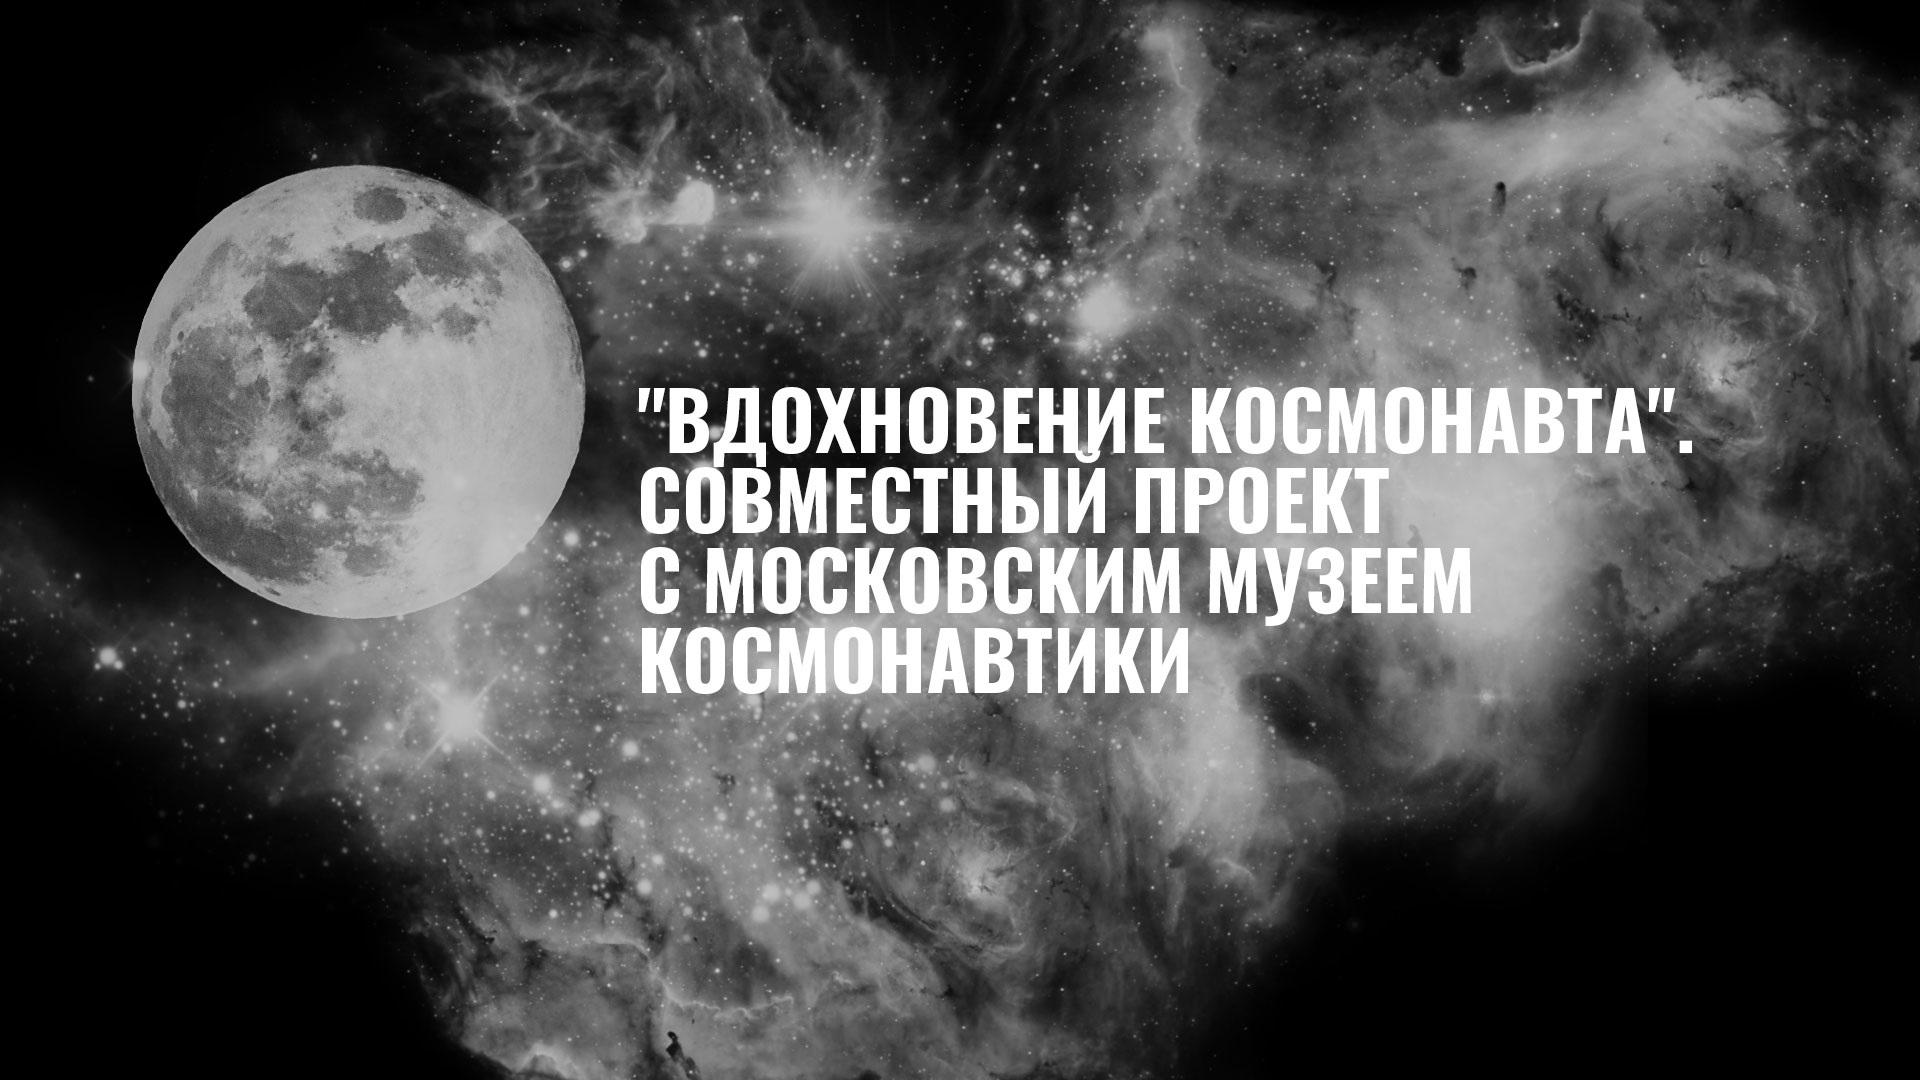 """""""Вдохновение космонавта"""". Совместный проект с московским Музеем космонавтики"""